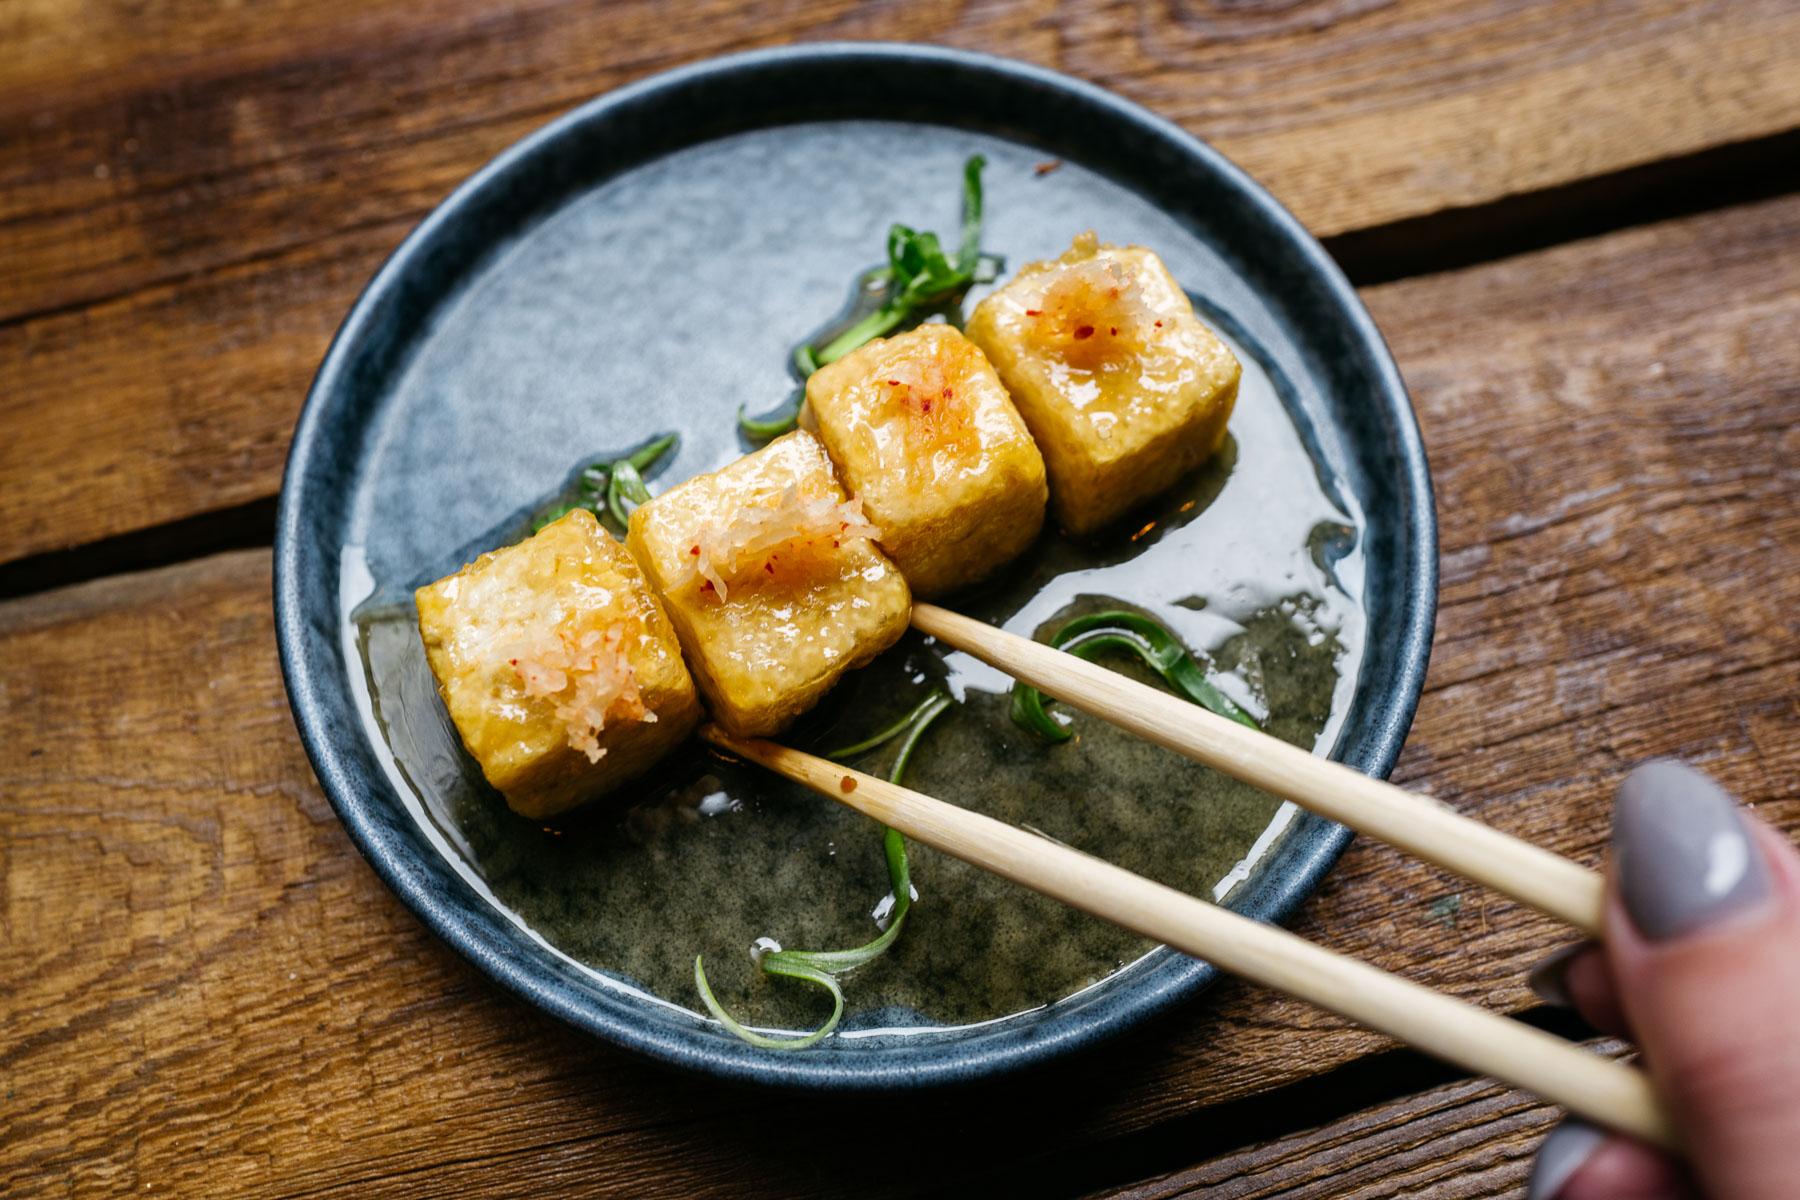 smażone tofu, sos na bazie sosu sojowego, rzepa biała - 14 zł (Arigator Ramen Shop)